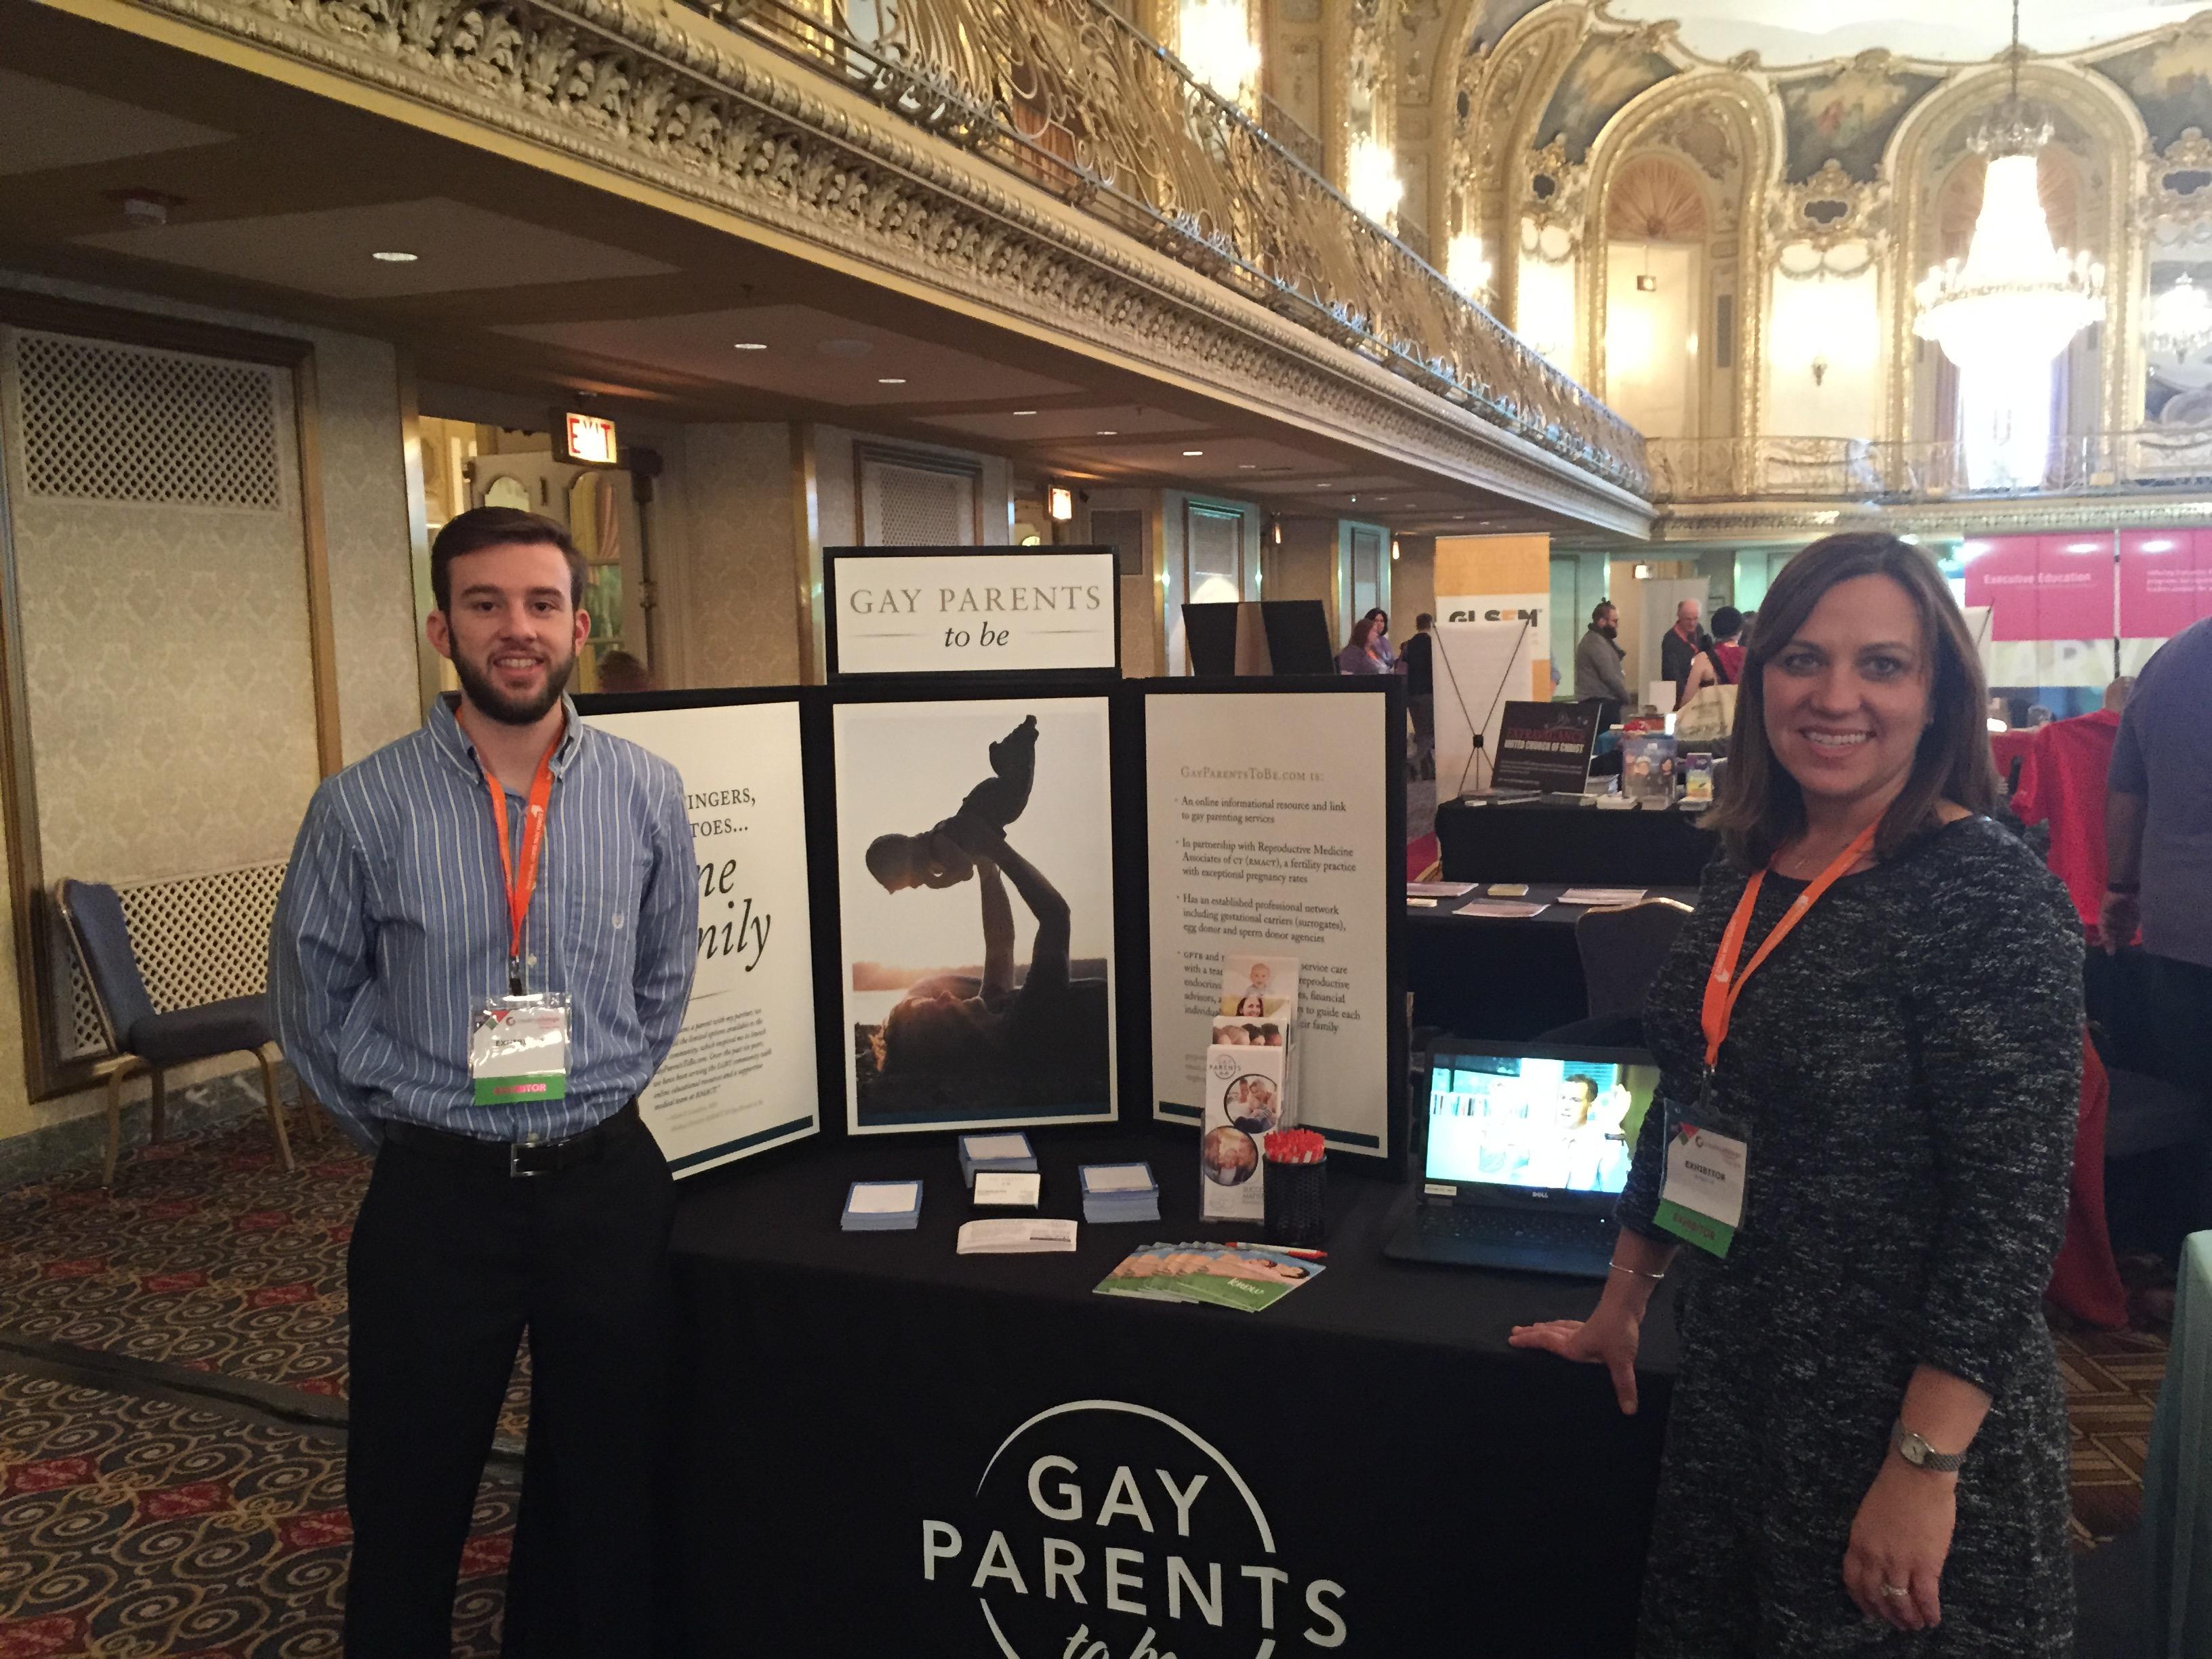 GayParentsToBe in Chicago